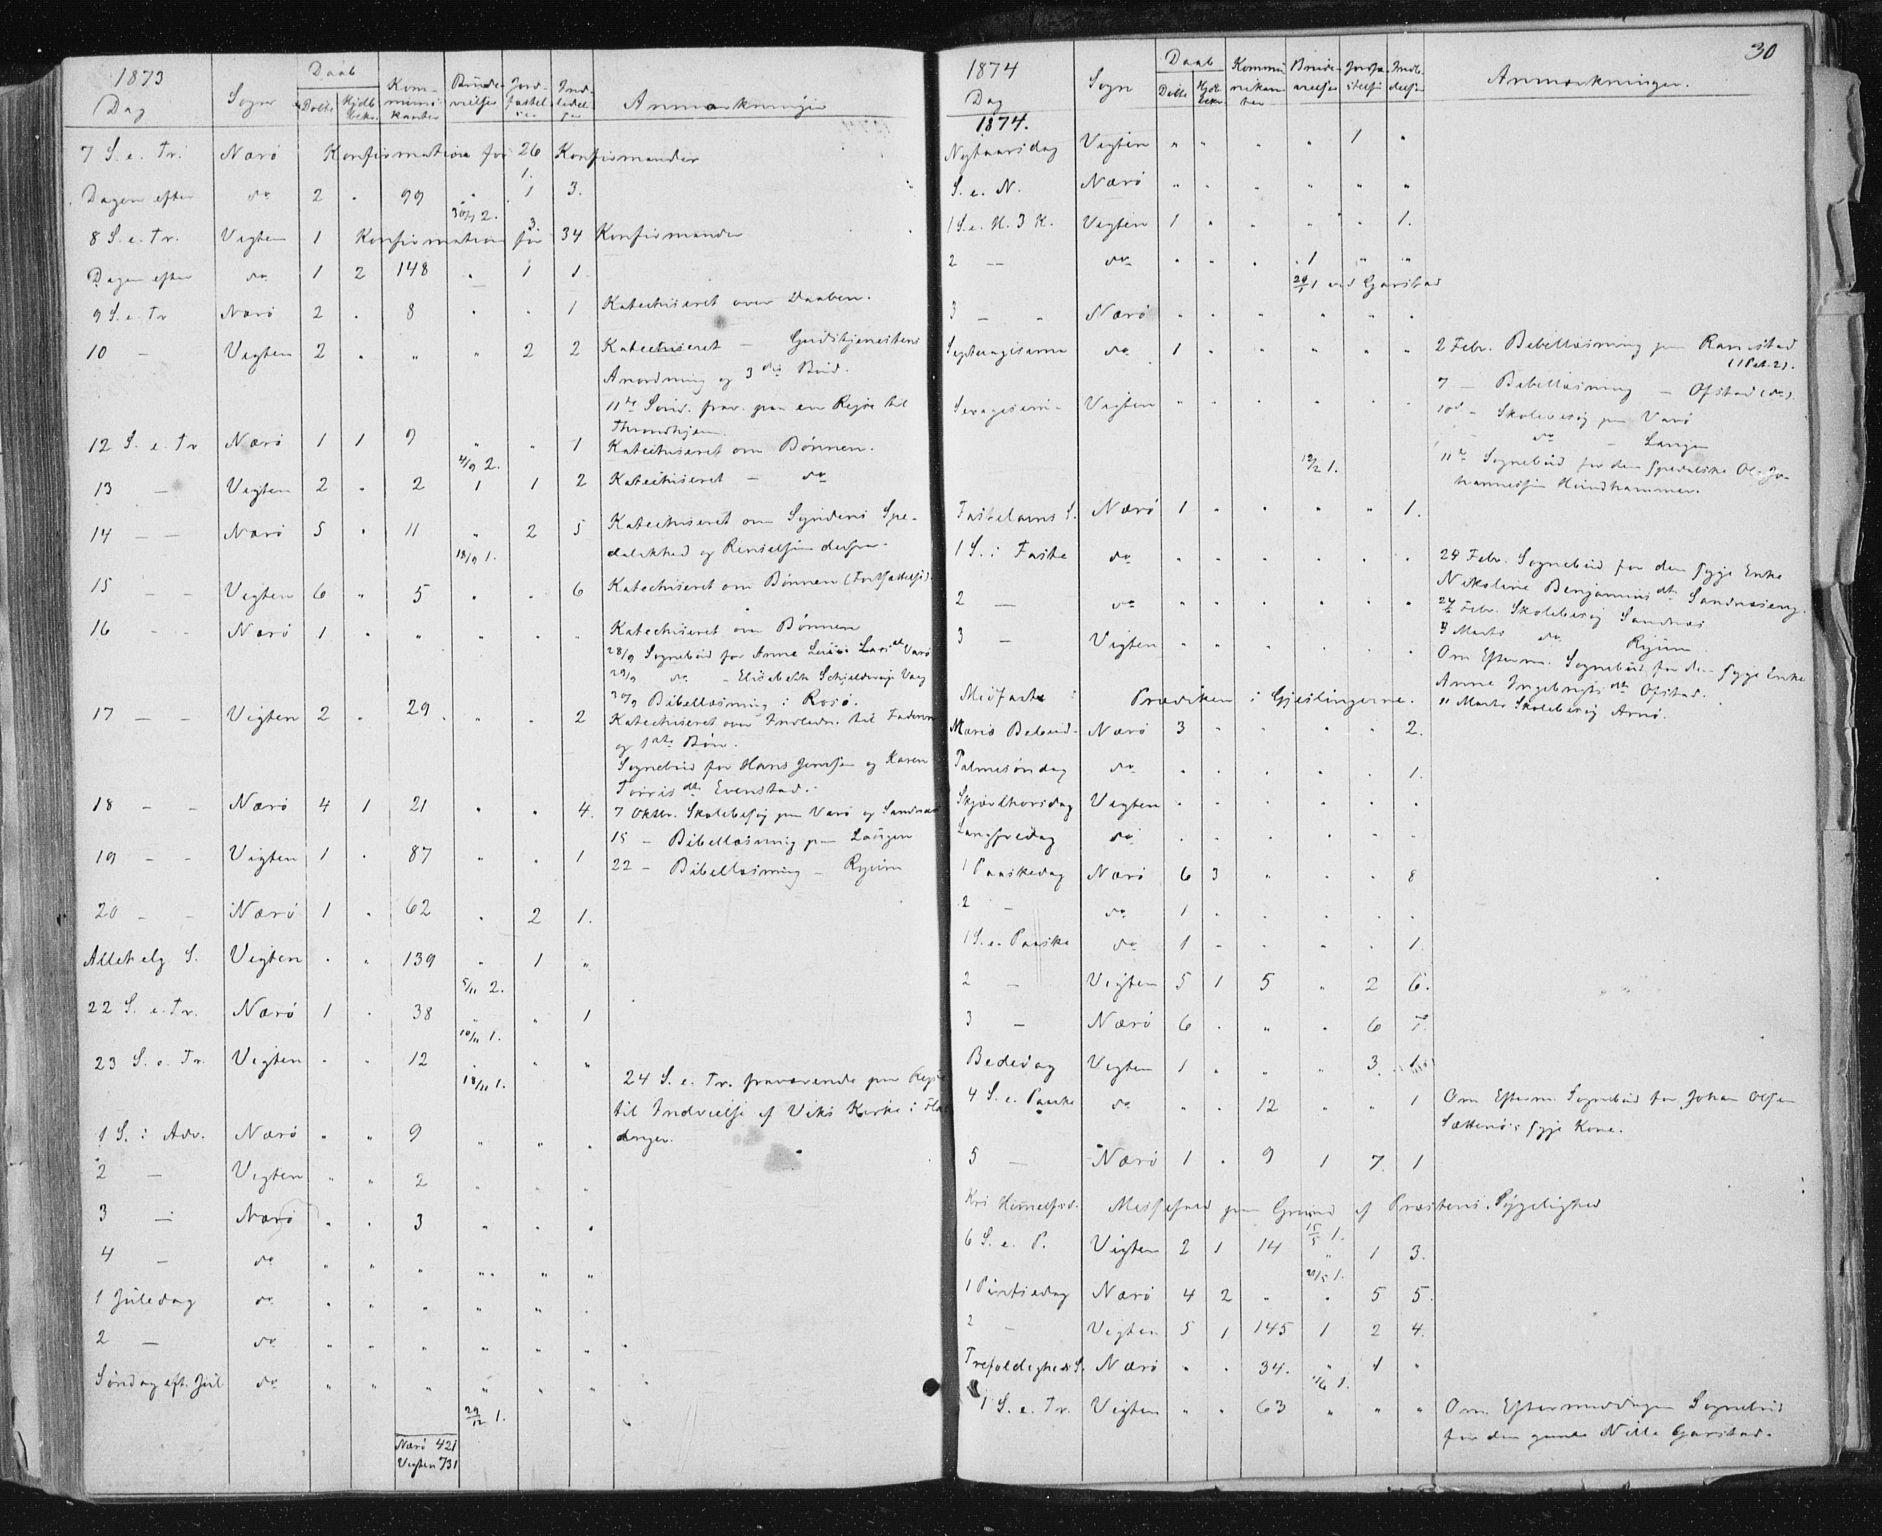 SAT, Ministerialprotokoller, klokkerbøker og fødselsregistre - Nord-Trøndelag, 784/L0670: Ministerialbok nr. 784A05, 1860-1876, s. 30